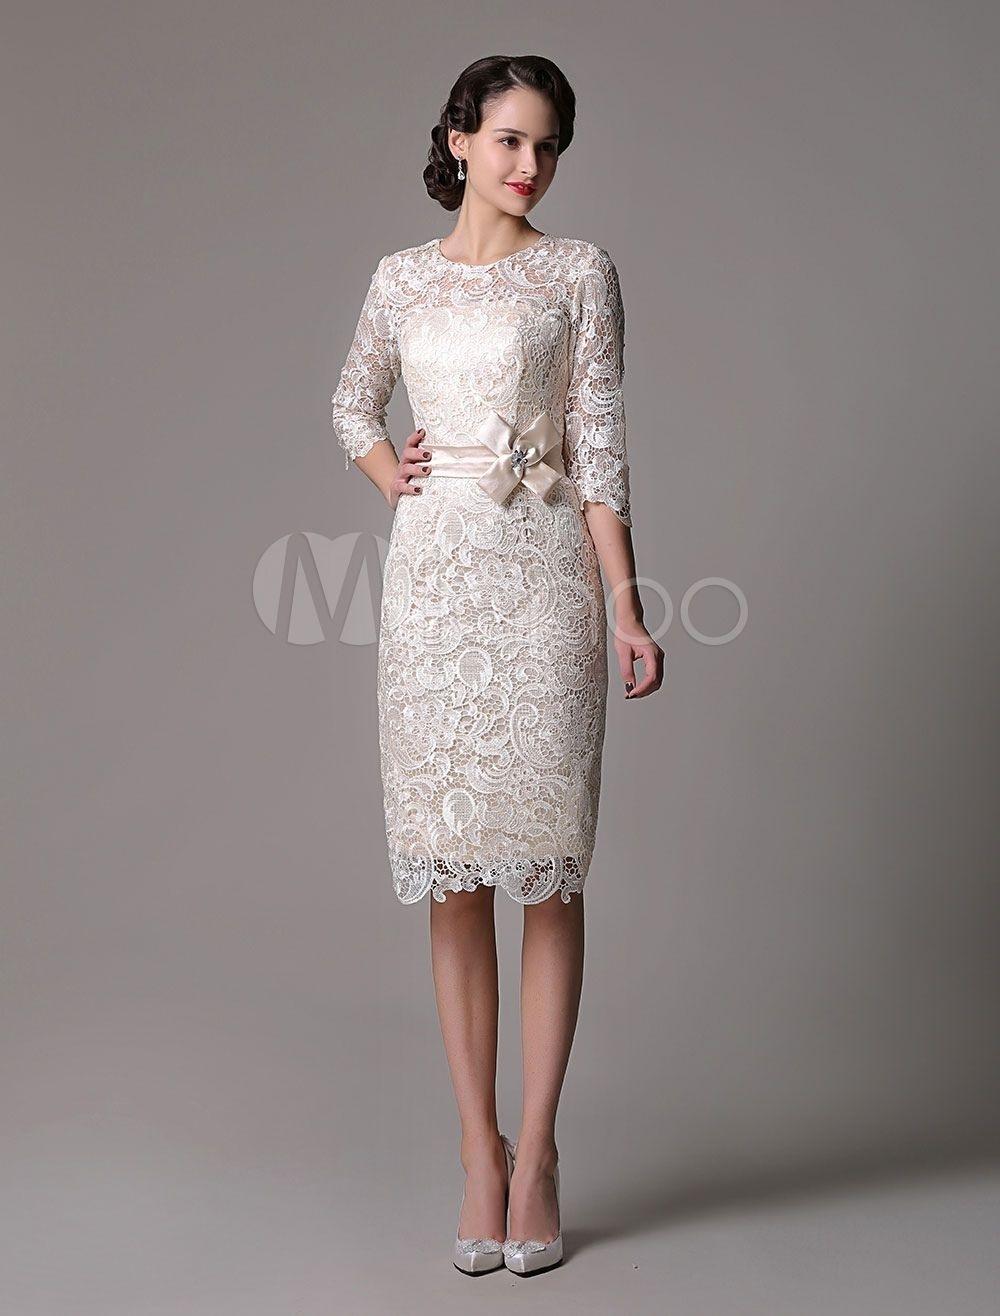 10 Ausgezeichnet Kleid Für Hochzeit Mit Ärmeln Galerie13 Erstaunlich Kleid Für Hochzeit Mit Ärmeln Spezialgebiet